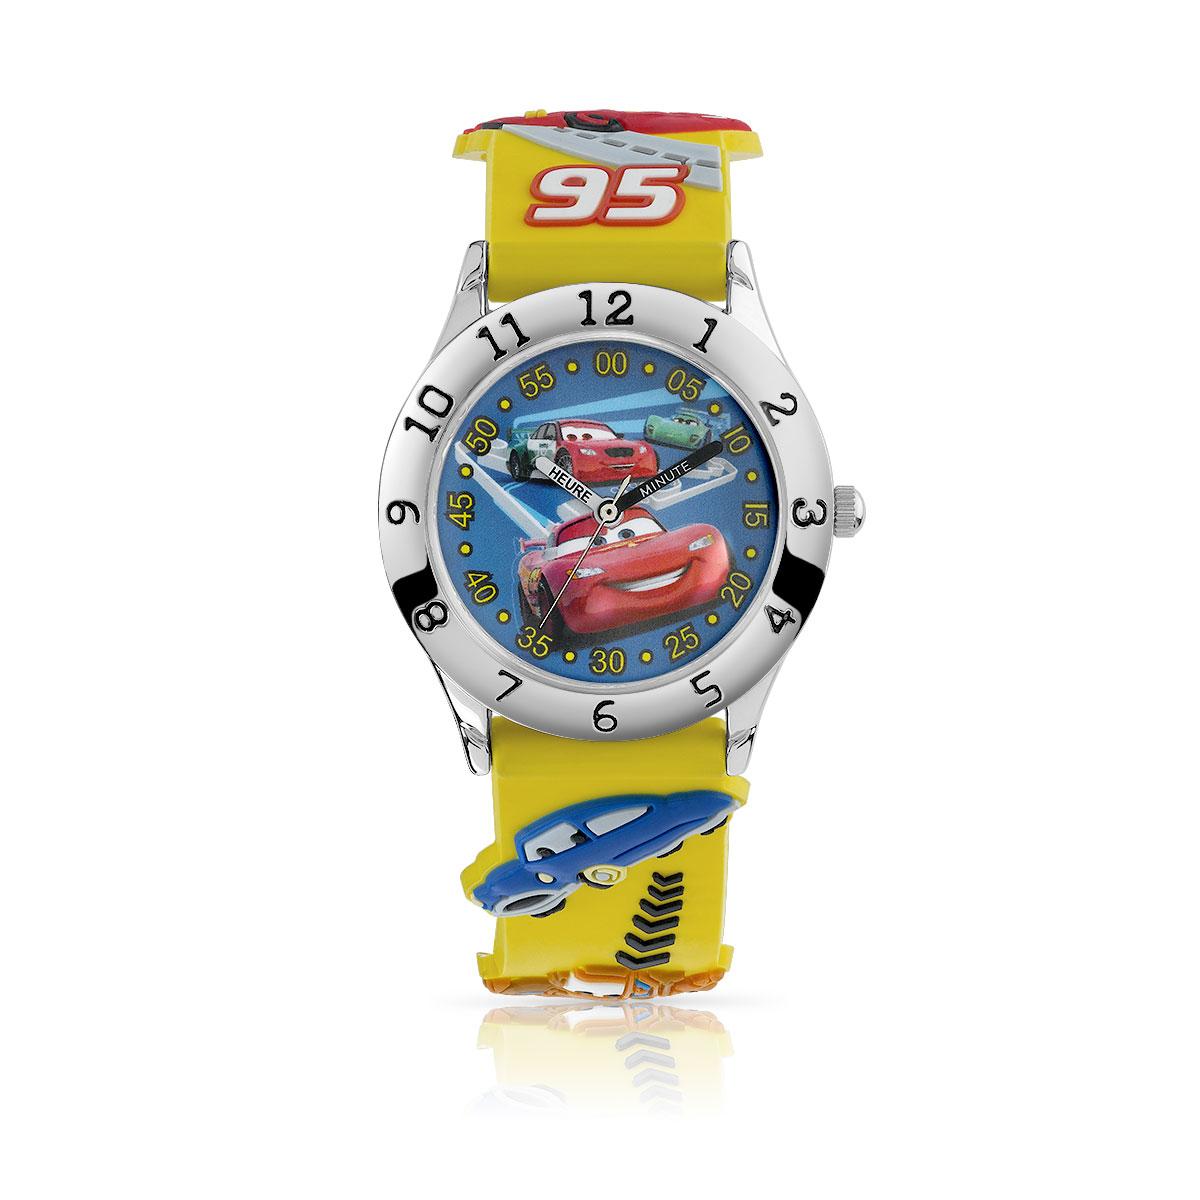 09b9369ee07caa Montre Cars enfant chromée bracelet plastique Disney - Enfant ...